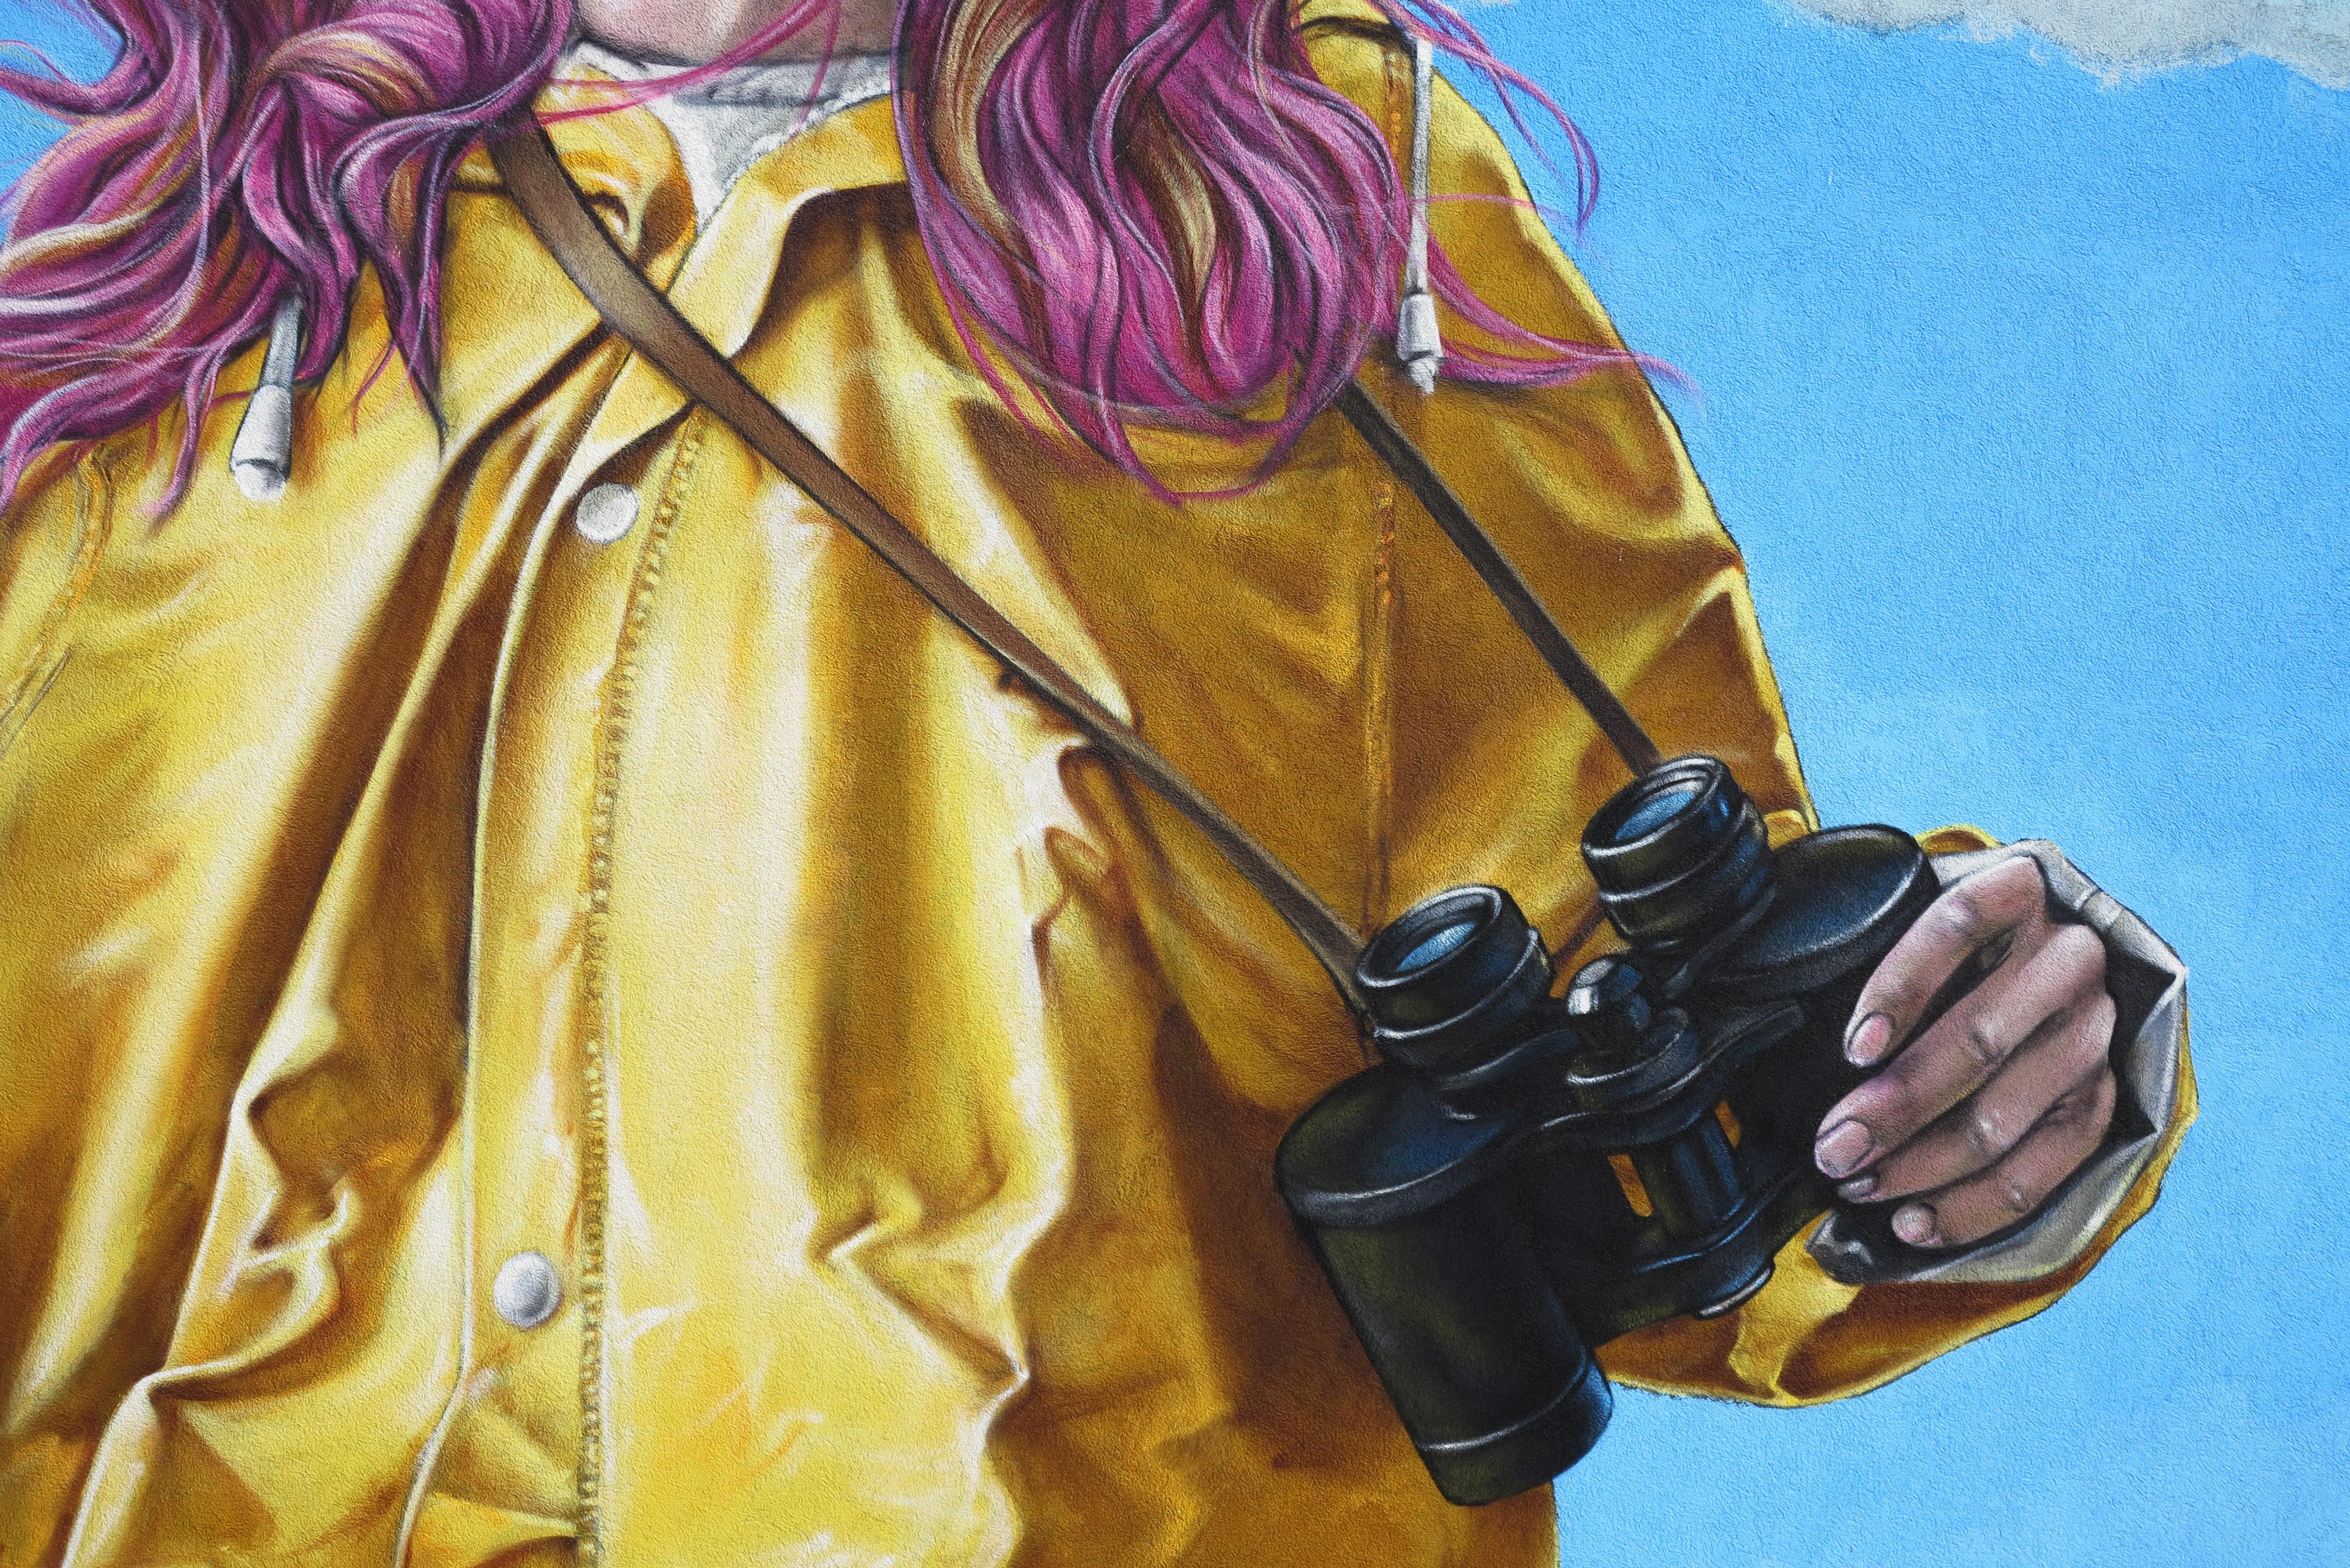 Melody by REDL in Zurich, Switzerland Artes & contextos Melody Feldstecher redl 2